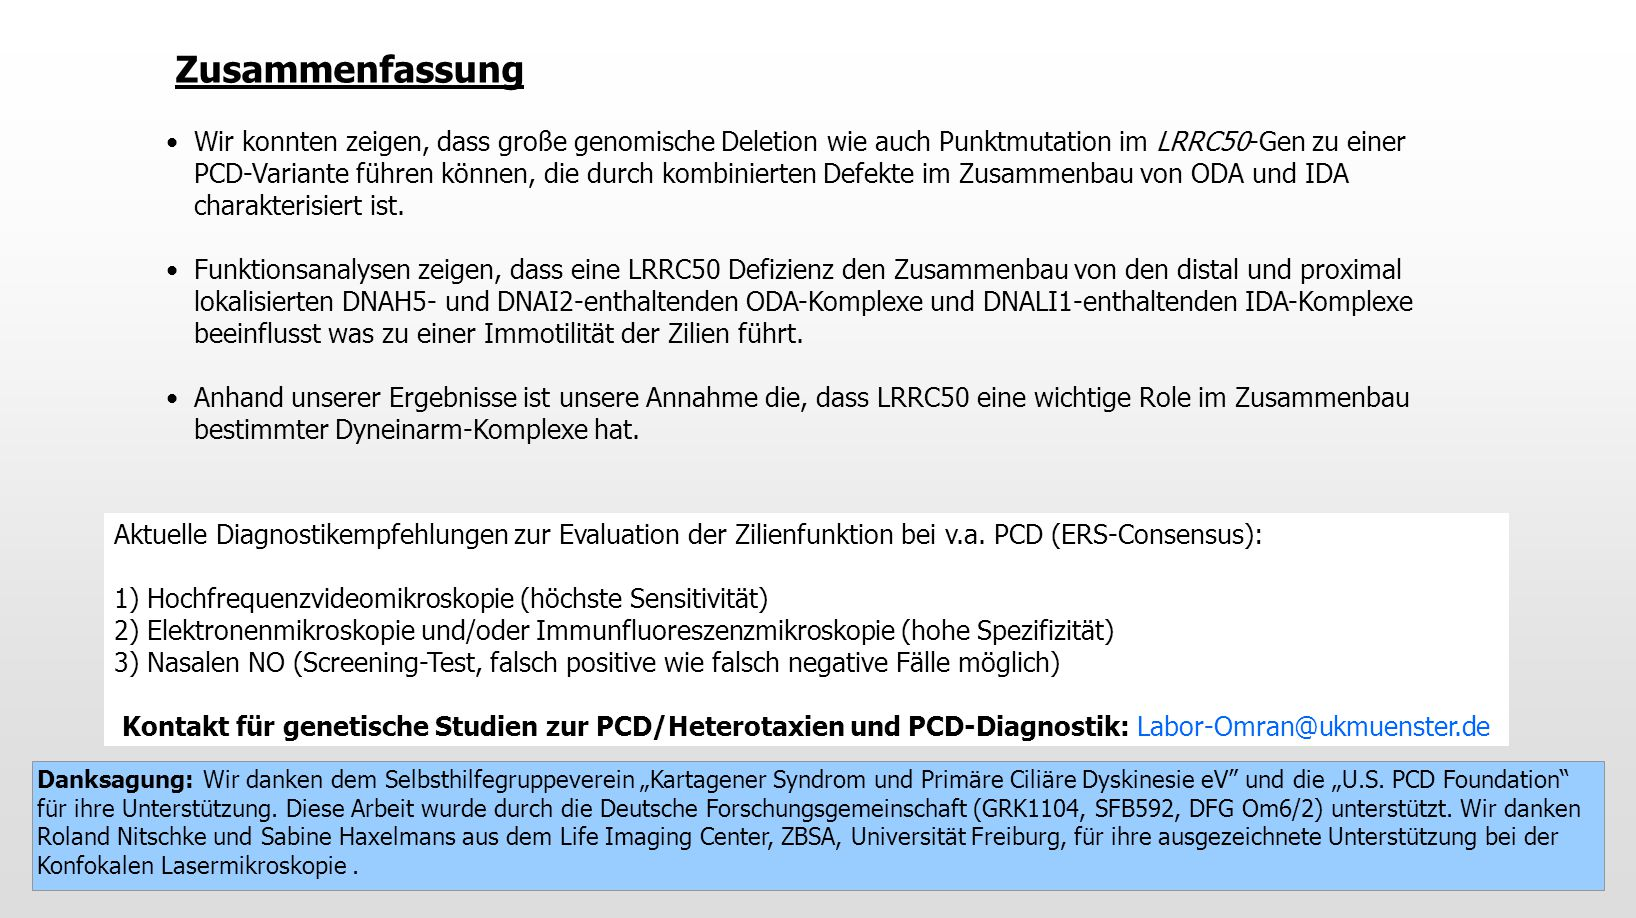 Aktuelle Diagnostikempfehlungen zur Evaluation der Zilienfunktion bei v.a.